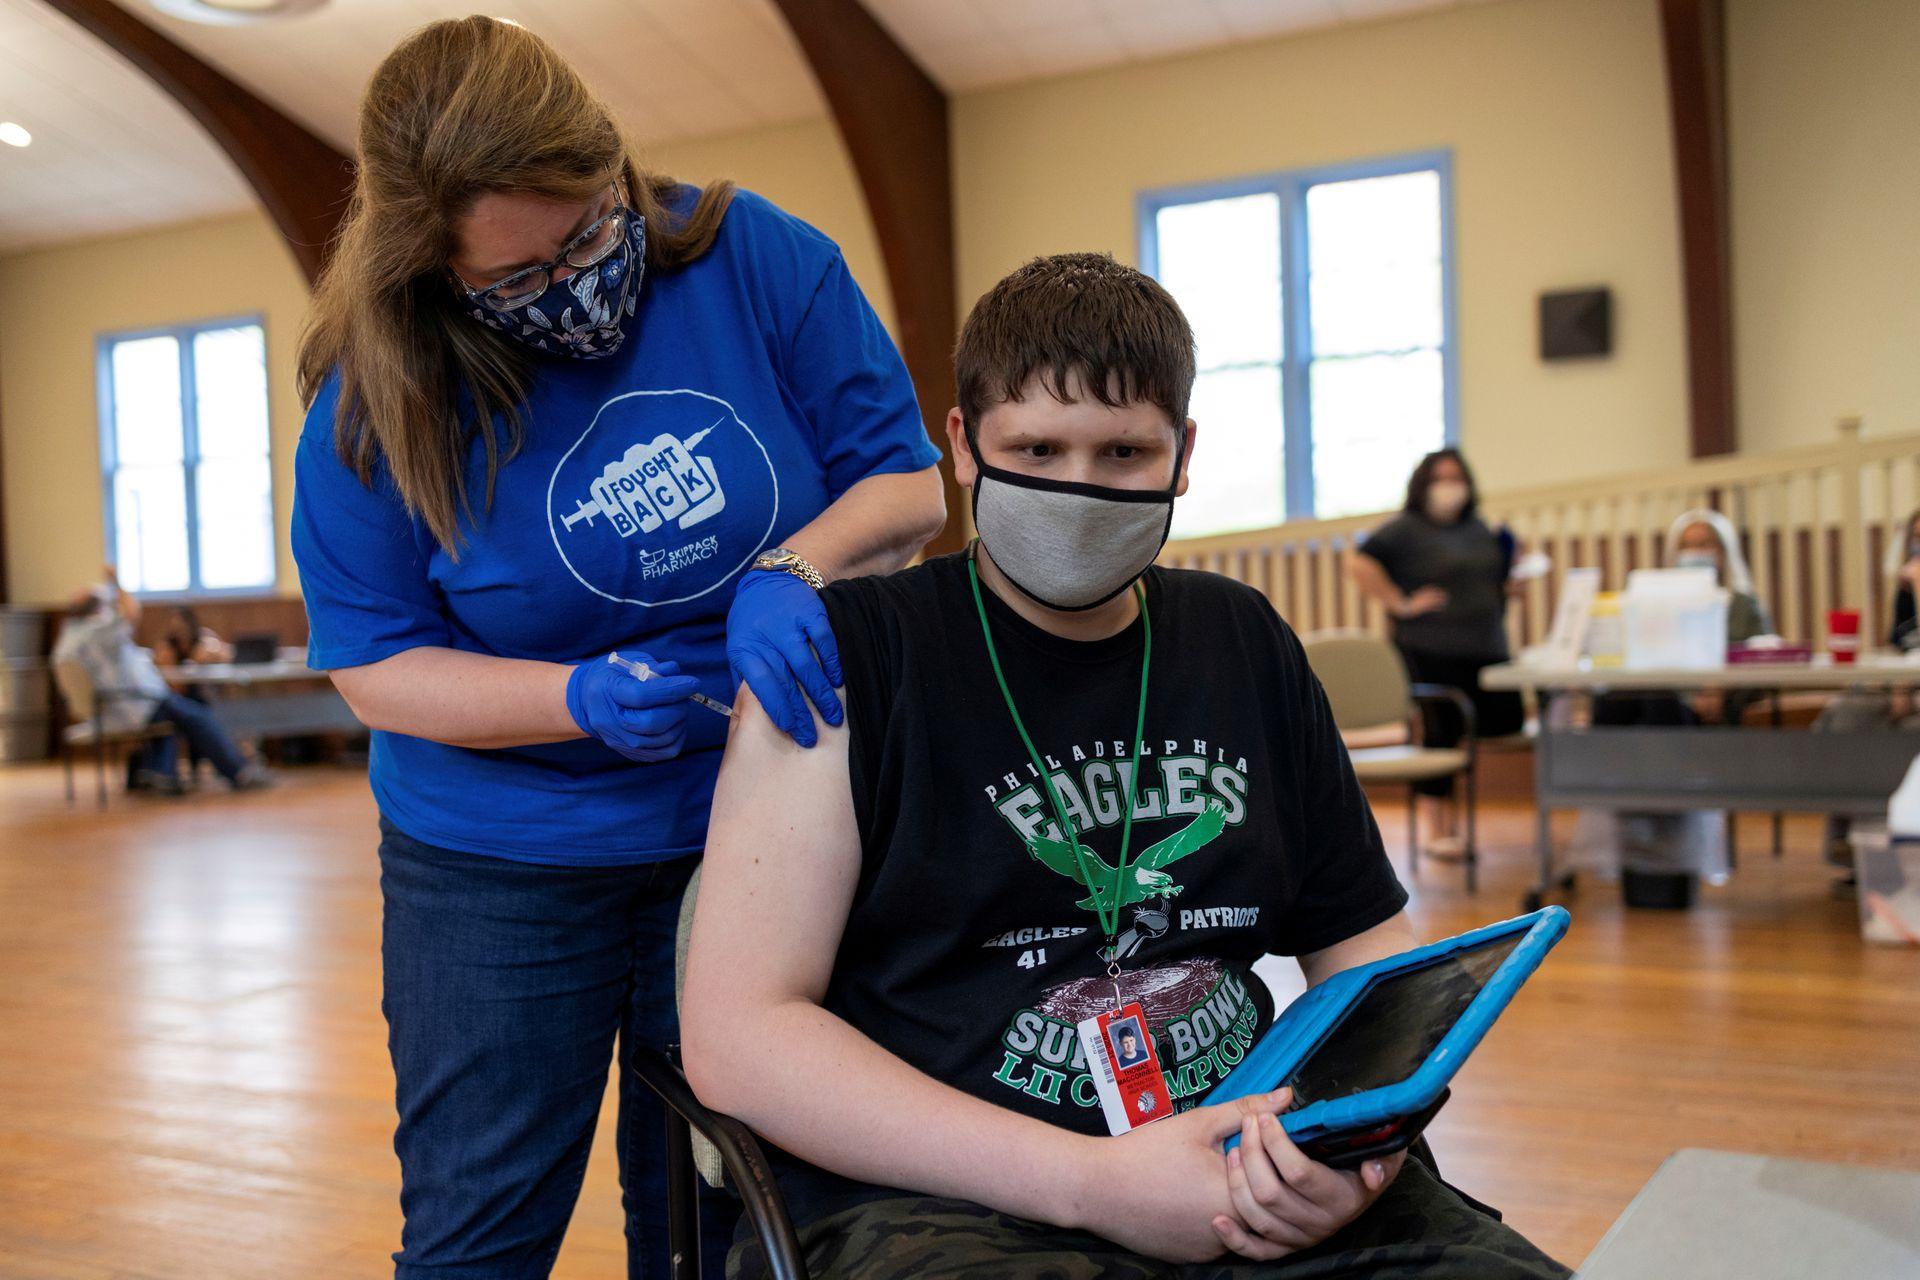 Thomas Macconnell, 16 tuổi, được tiêm vaccine Covid-19, ngày 29/4. Ảnh: Reuters